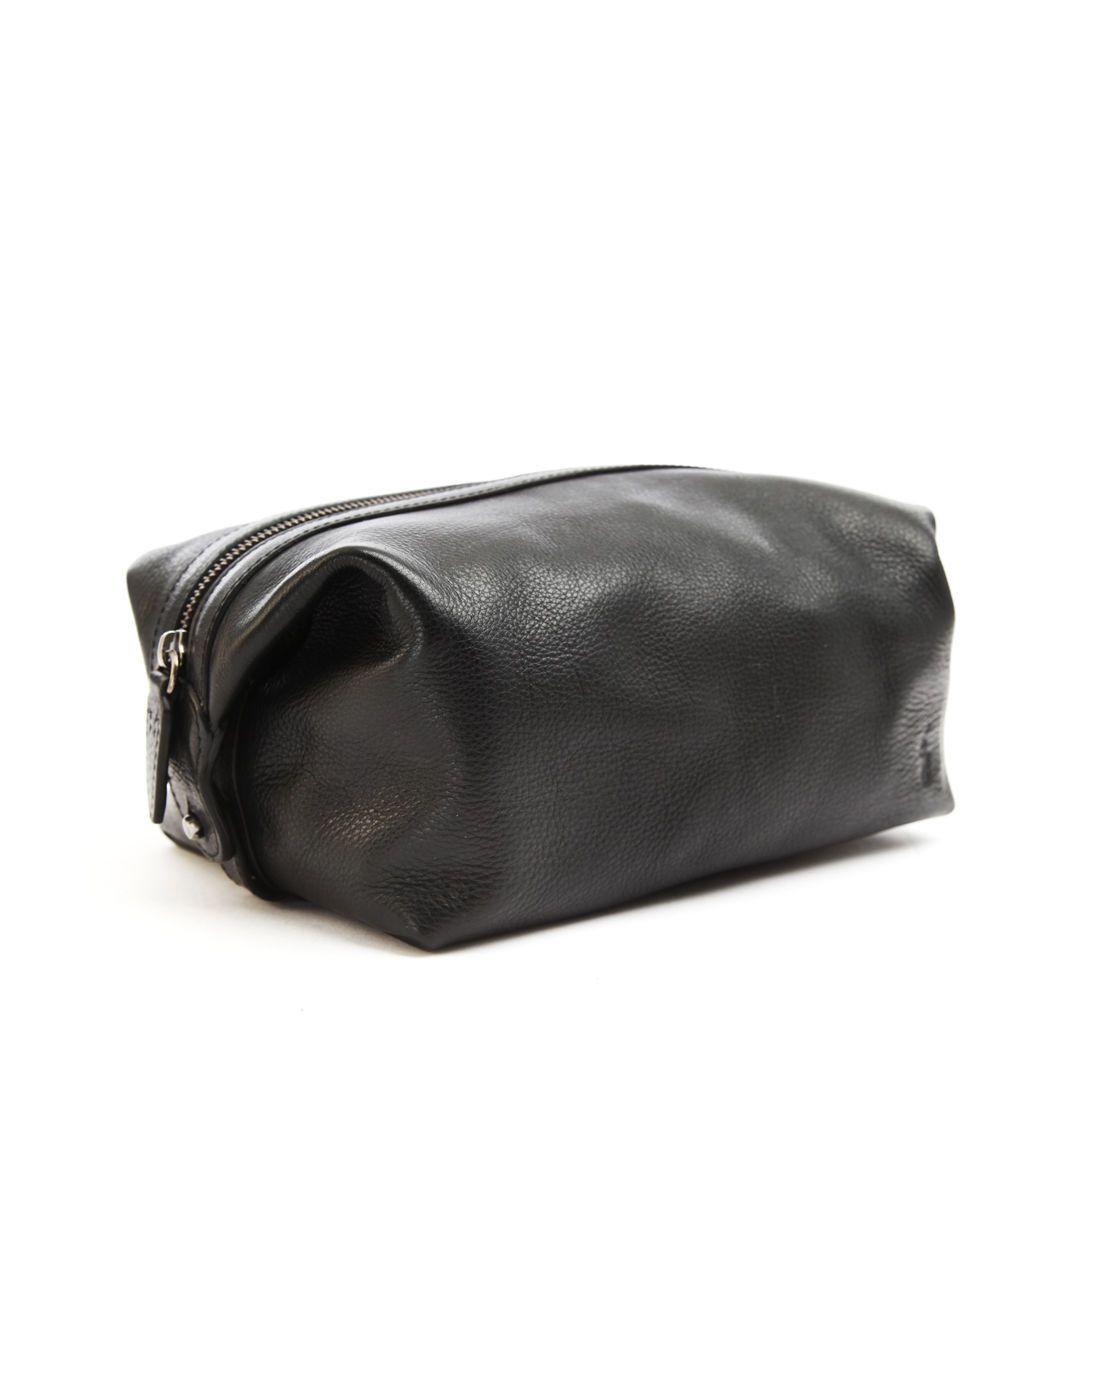 61ac0b749439 Polo Ralph Lauren Black Leather Washbag in Black for Men